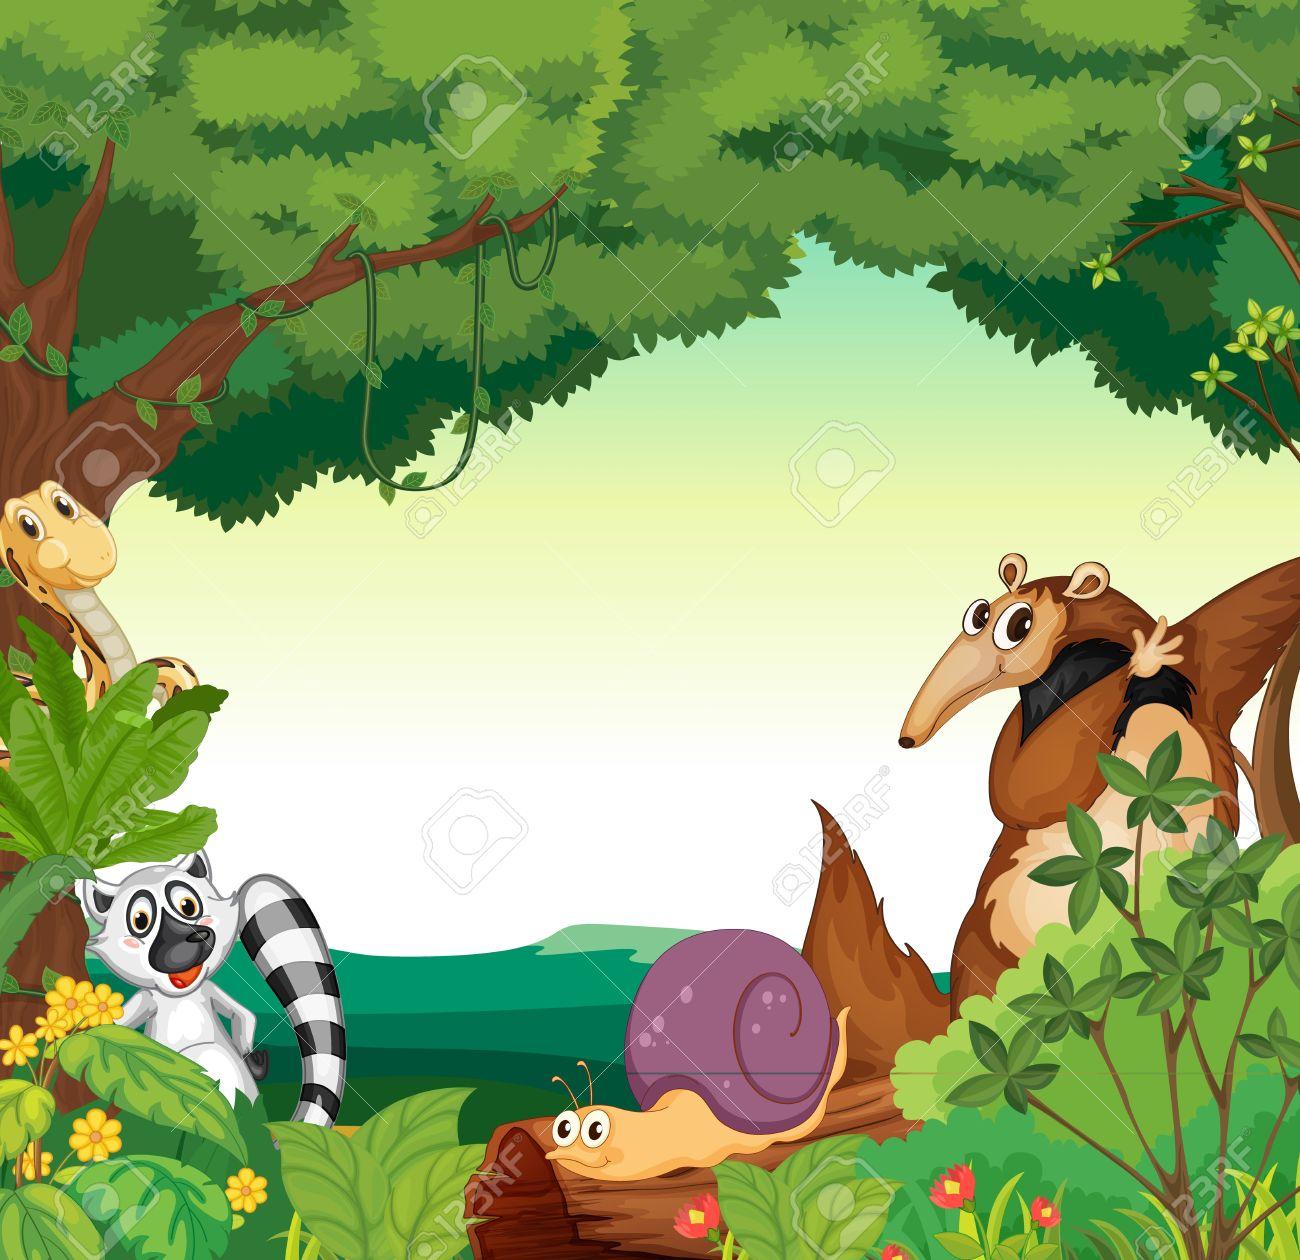 Illustrazione Di Una Scena Di Giungla Con Vari Animali Clipart.